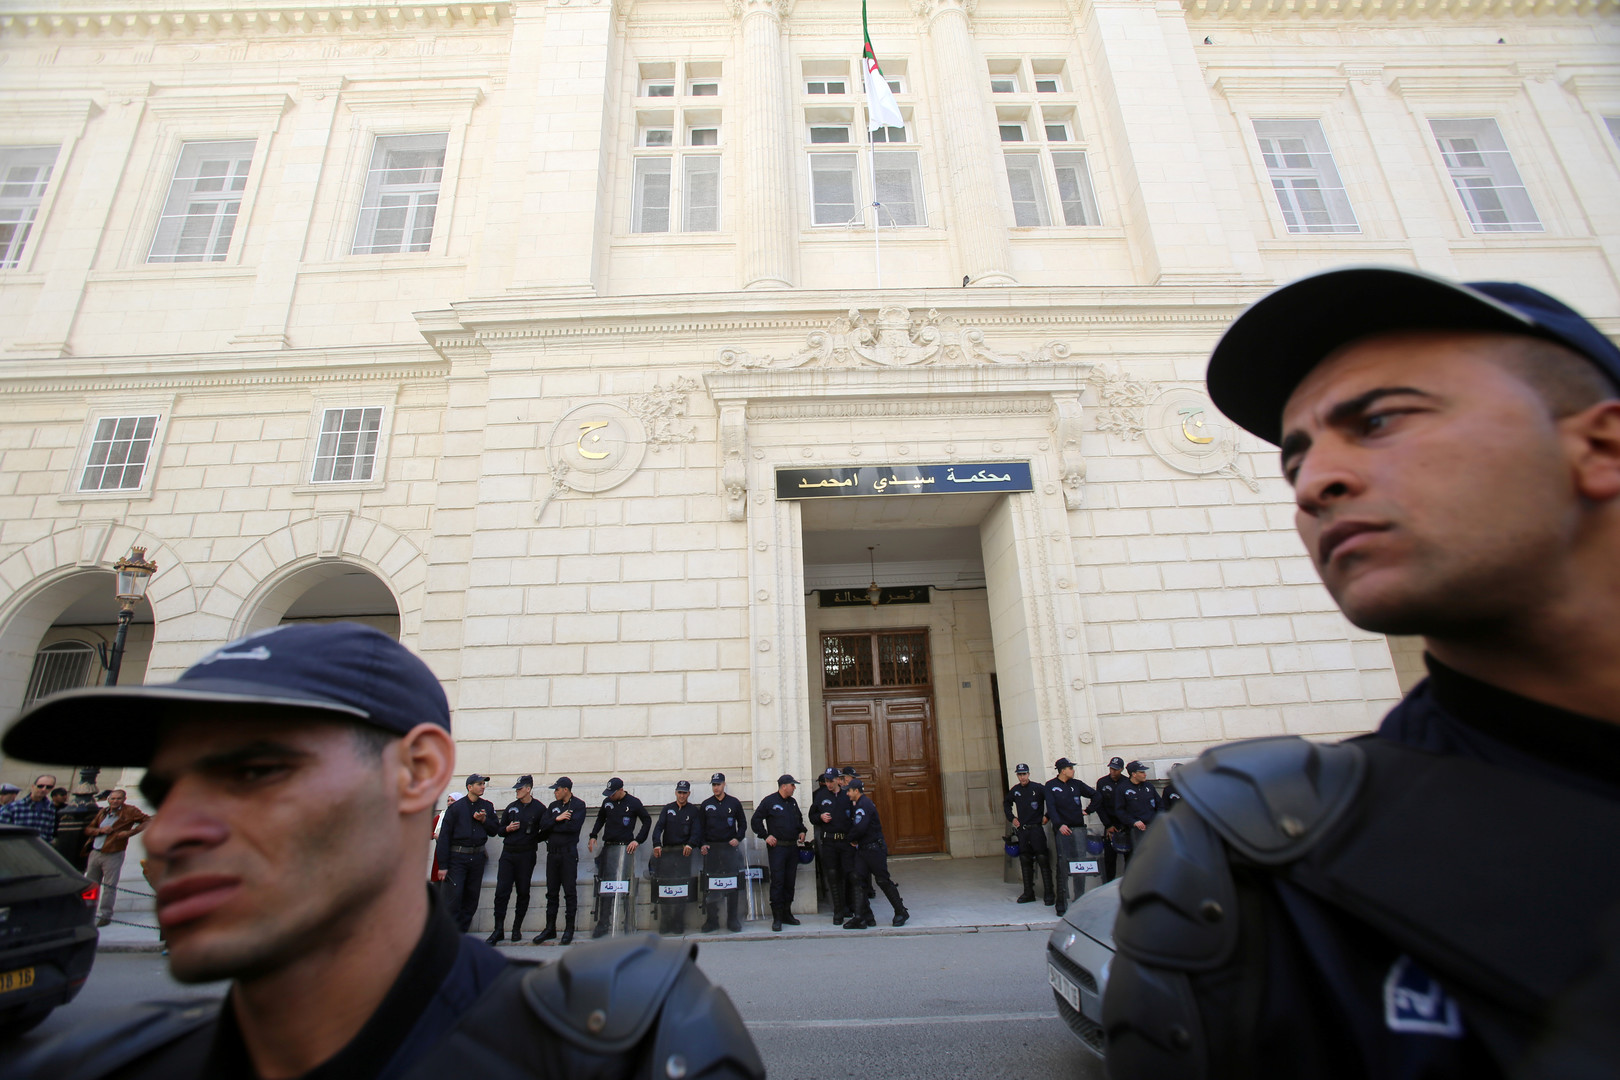 الجزائر.. حبس الأخوين طحكوت احتياطيا بتهم فساد